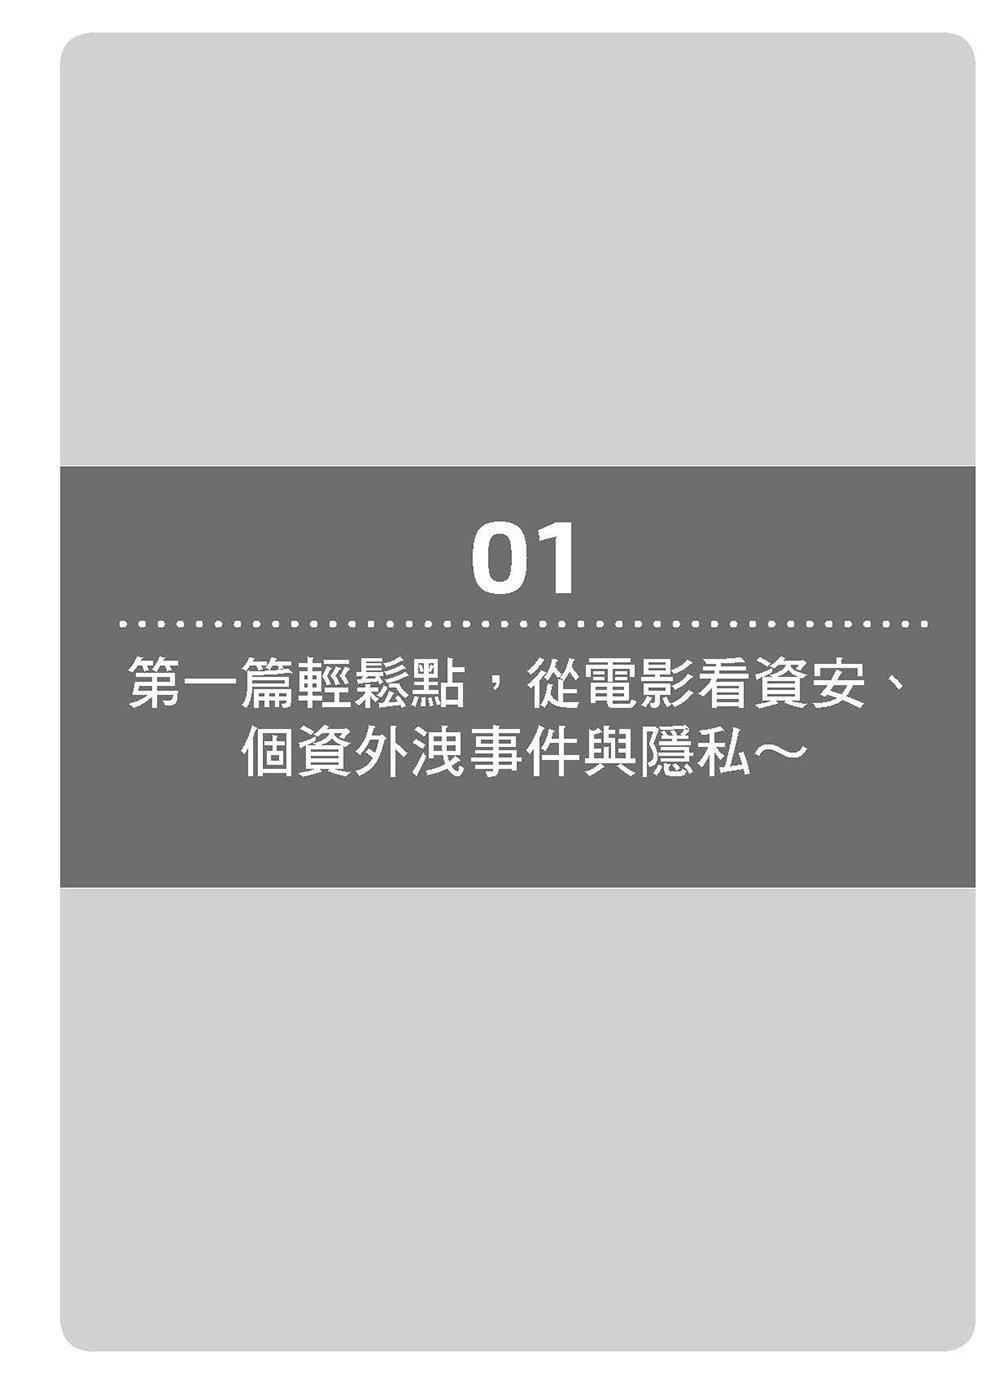 生活資安五四三!:從生活周遭看風險與資訊安全 (iT邦幫忙鐵人賽系列書)-preview-2